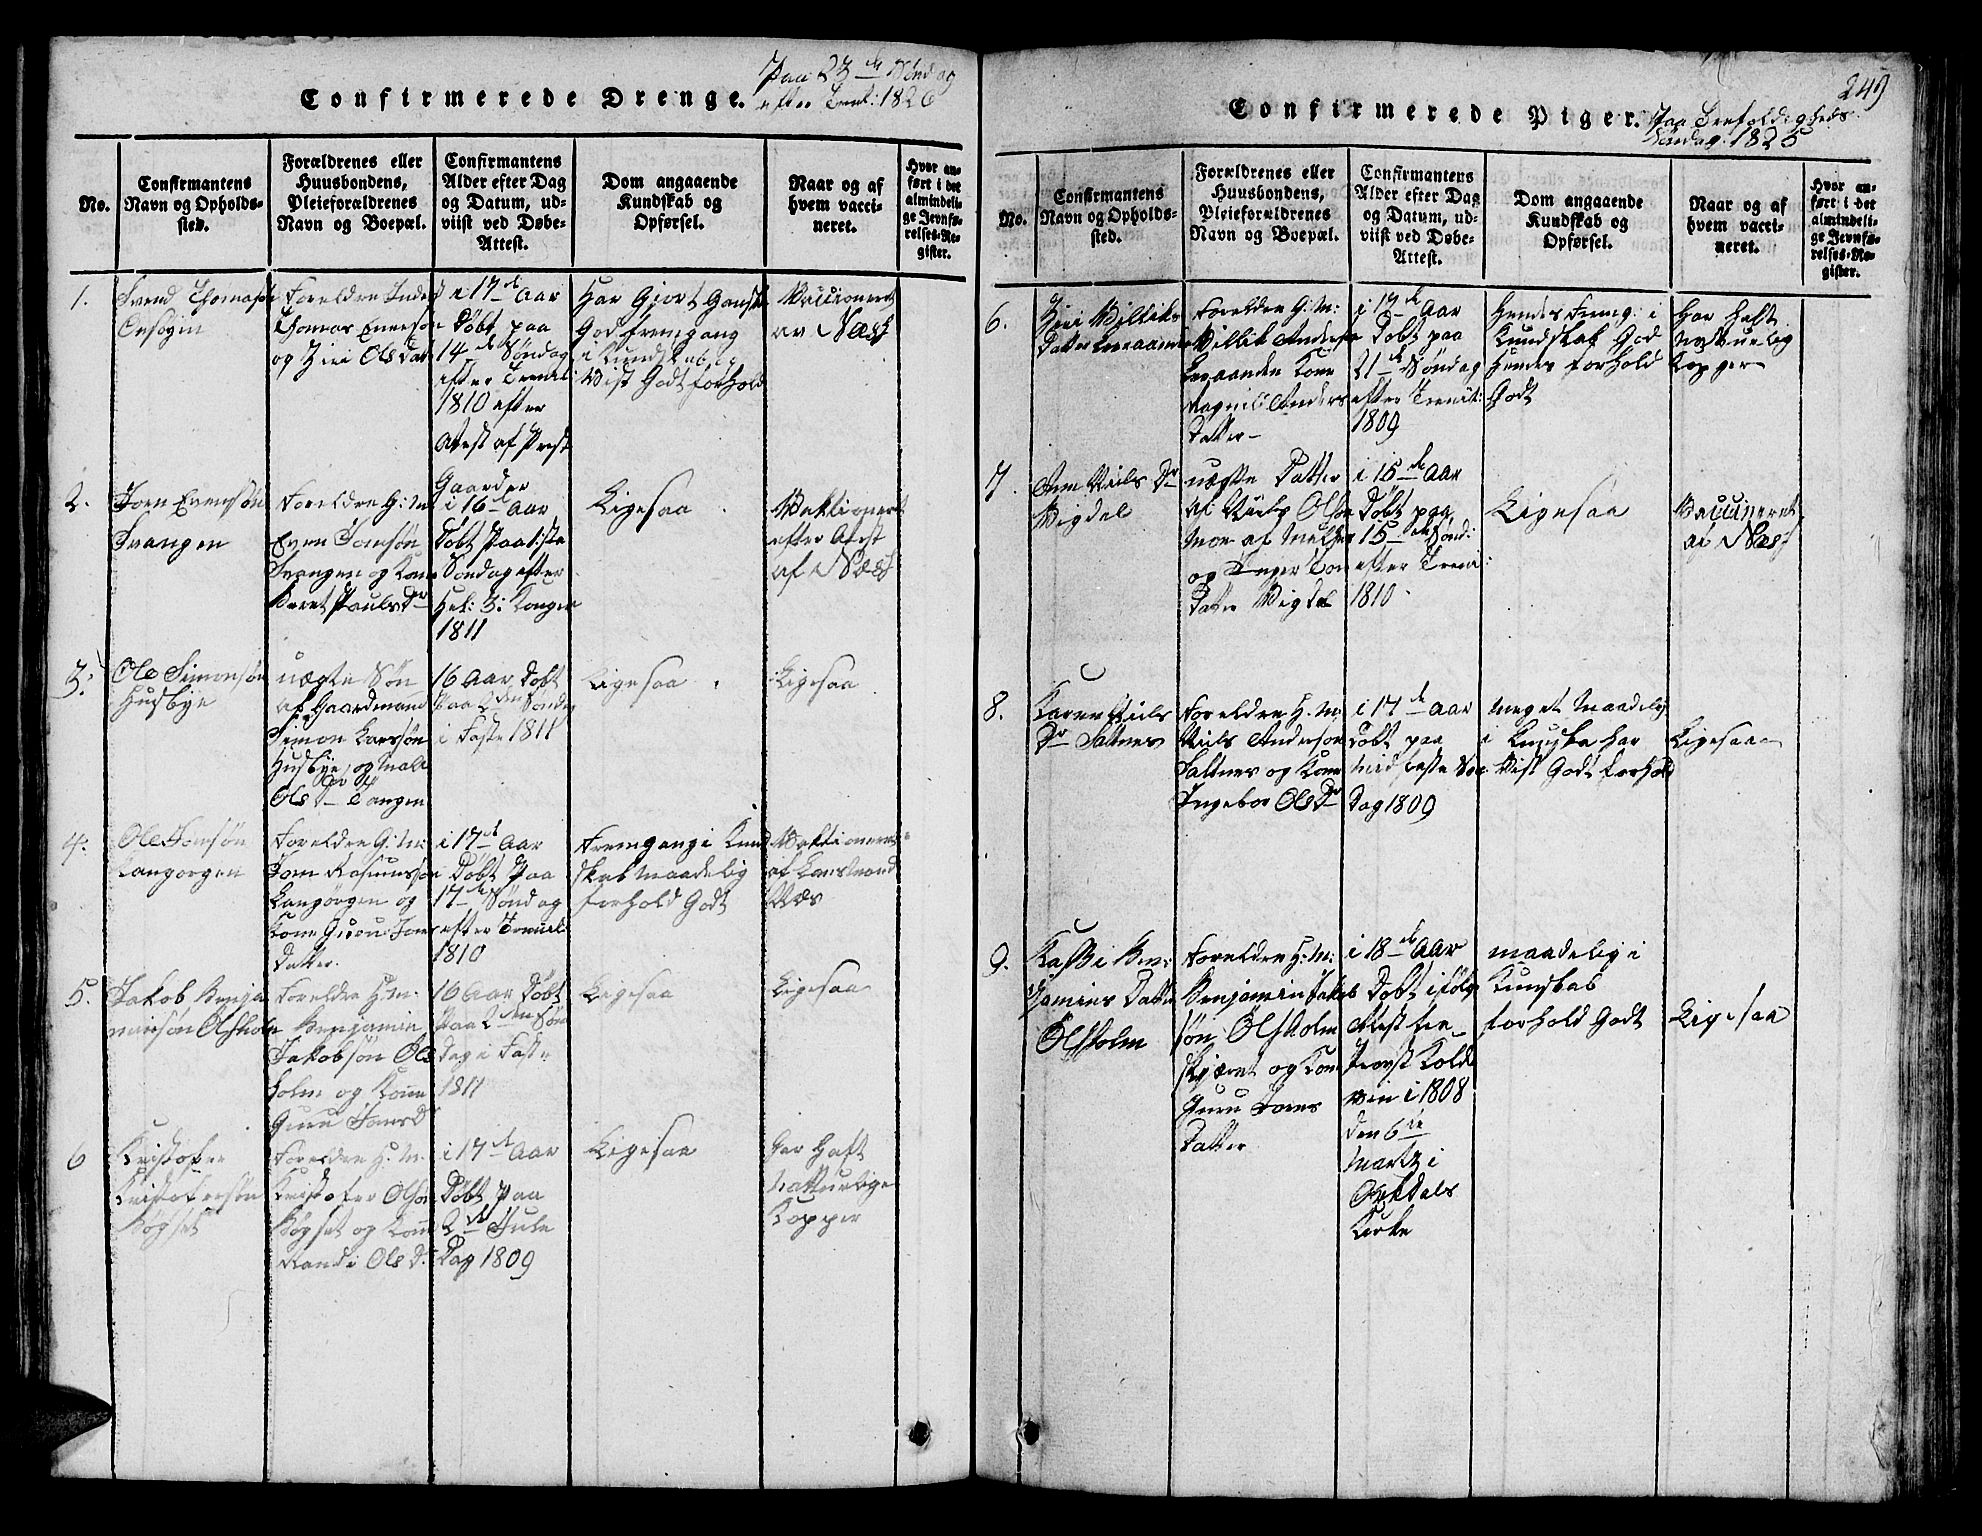 SAT, Ministerialprotokoller, klokkerbøker og fødselsregistre - Sør-Trøndelag, 666/L0788: Klokkerbok nr. 666C01, 1816-1847, s. 249